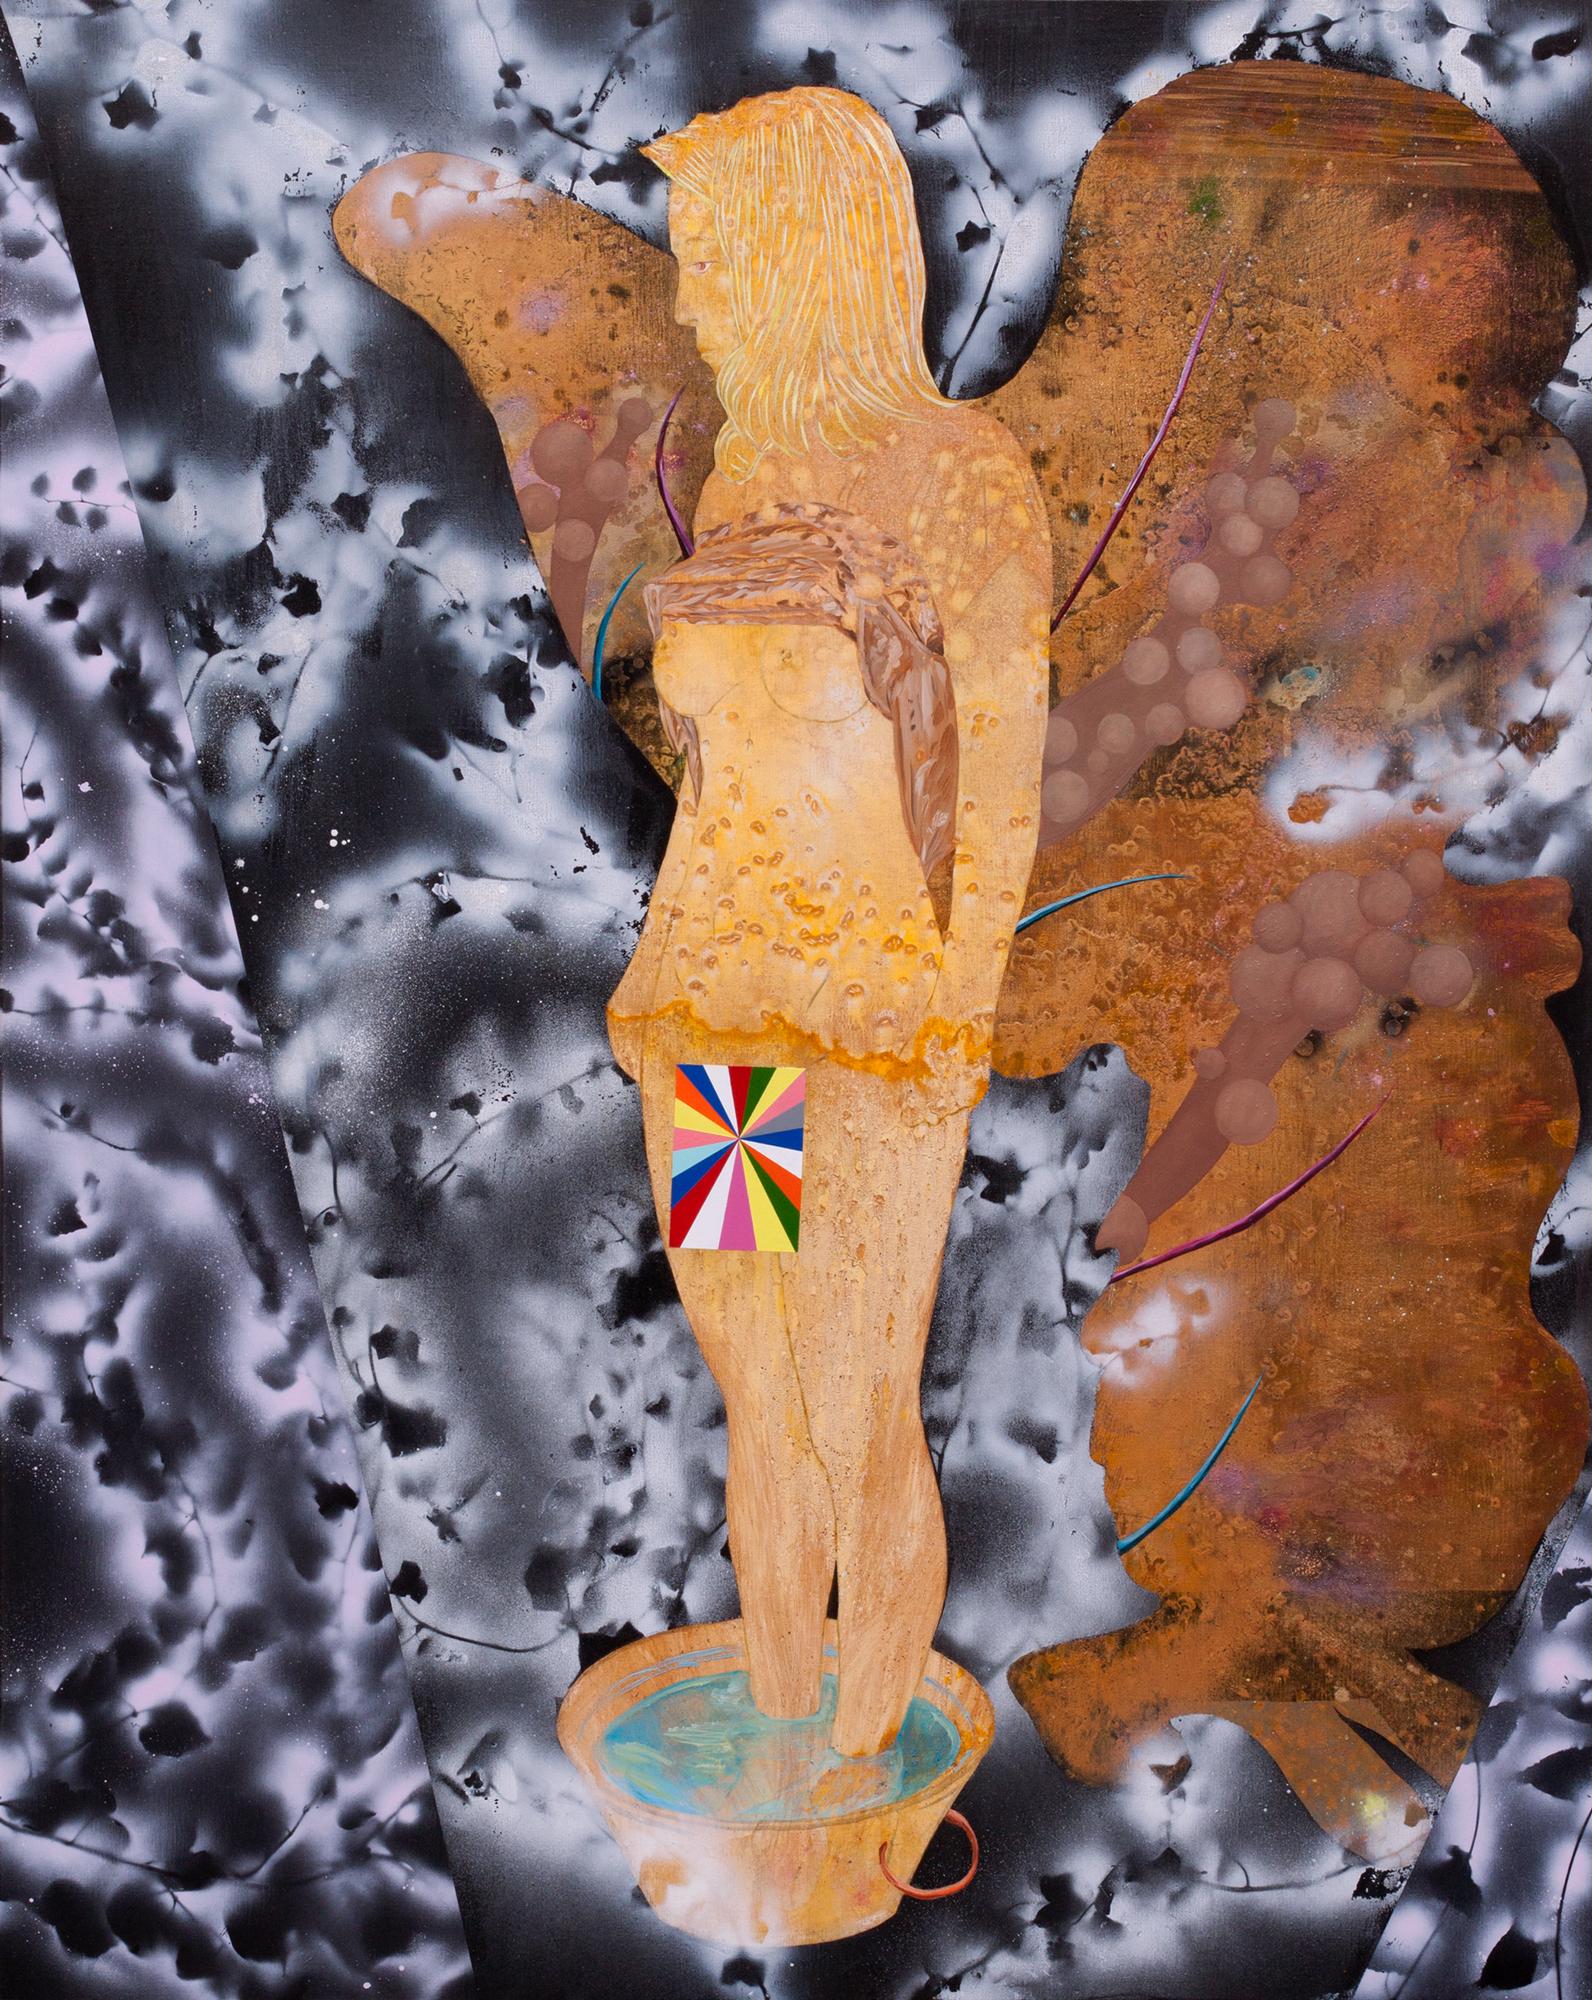 La Nixe, Marc Molk, 2017, huile et acrylique sur toile, 162 x 130 cm